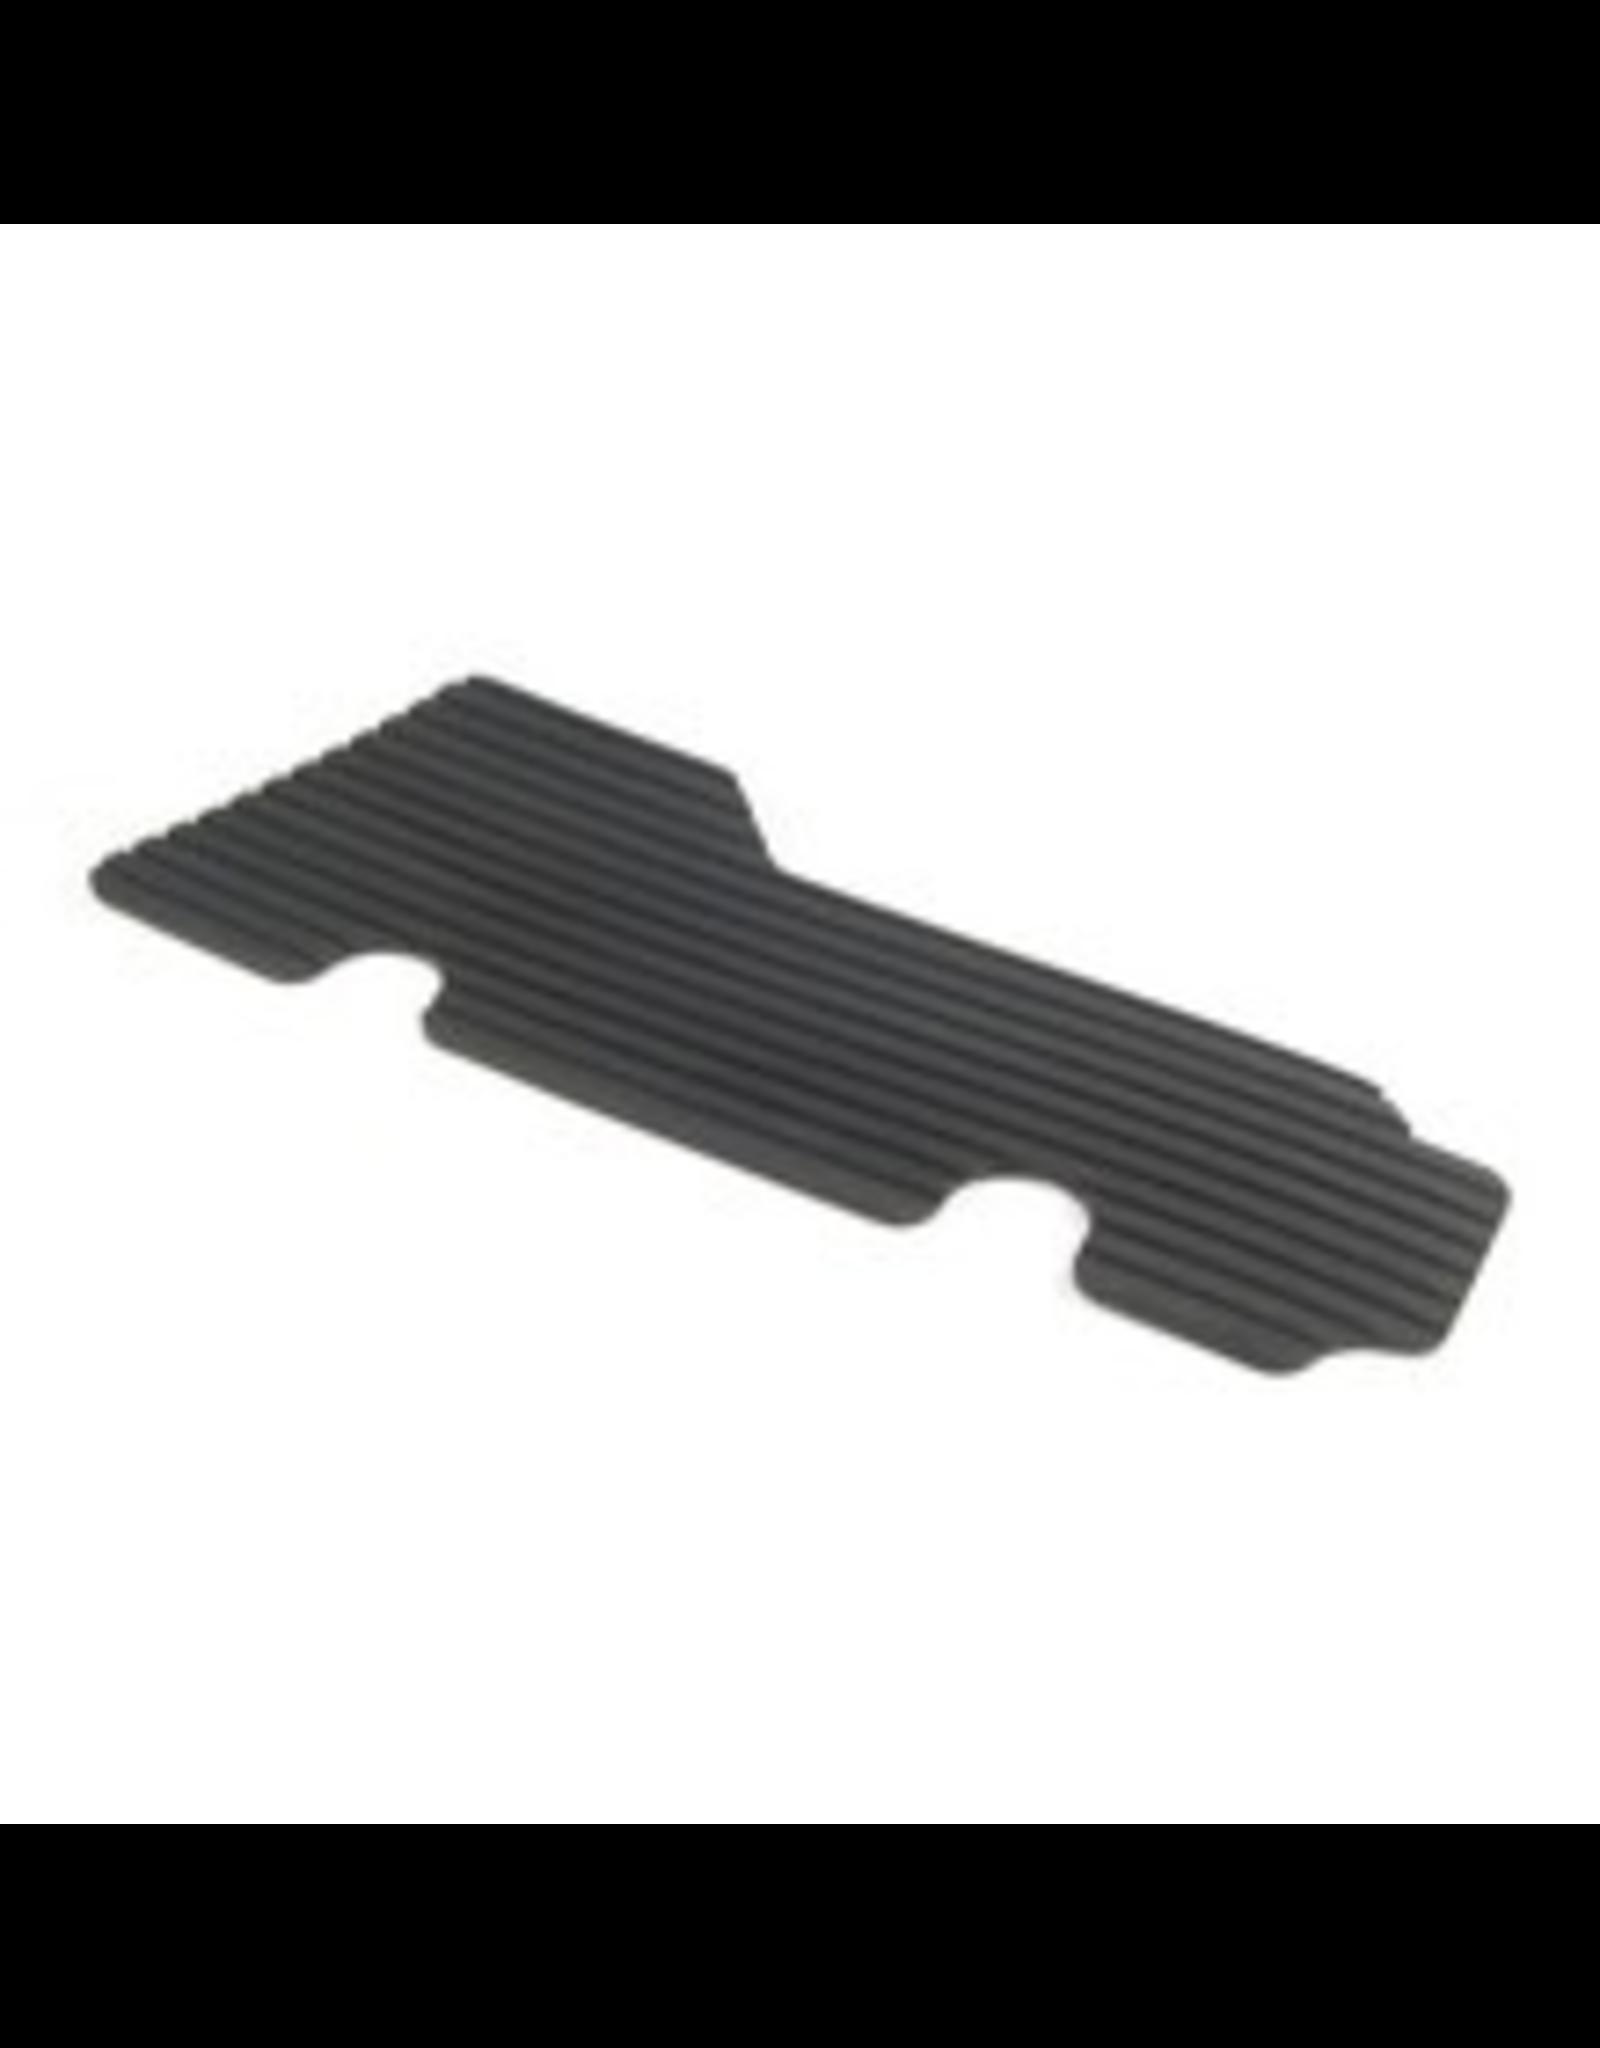 Hobie Hobie Pro Angler Right Floor Mat, Black